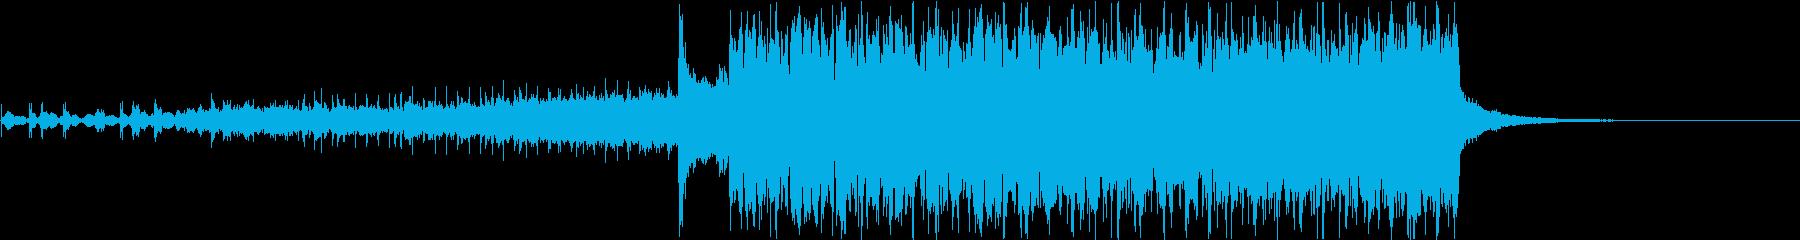 冬のセール向けBGMフューチャーベースの再生済みの波形